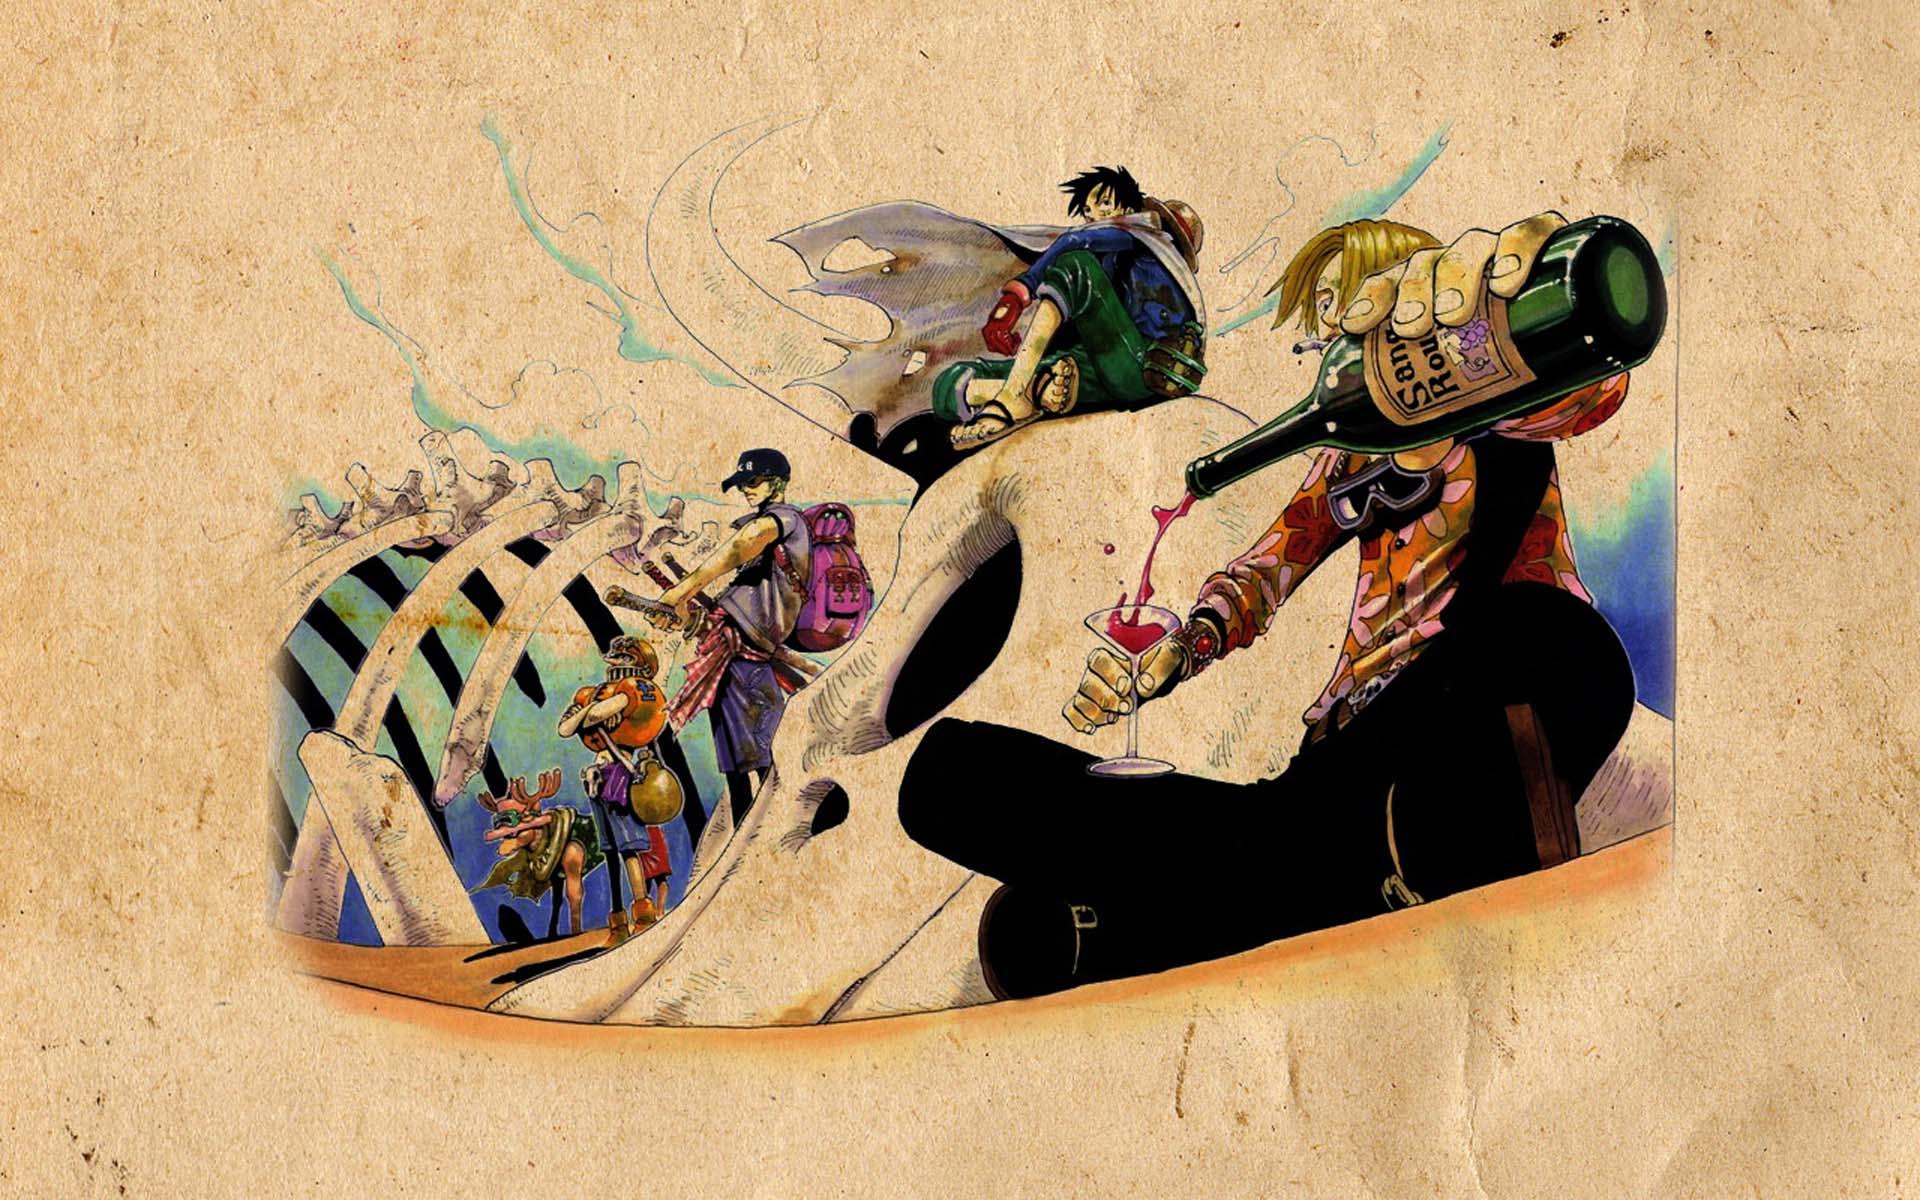 mugiwara pirates wallpaper piece 1920x1200 1920x1200